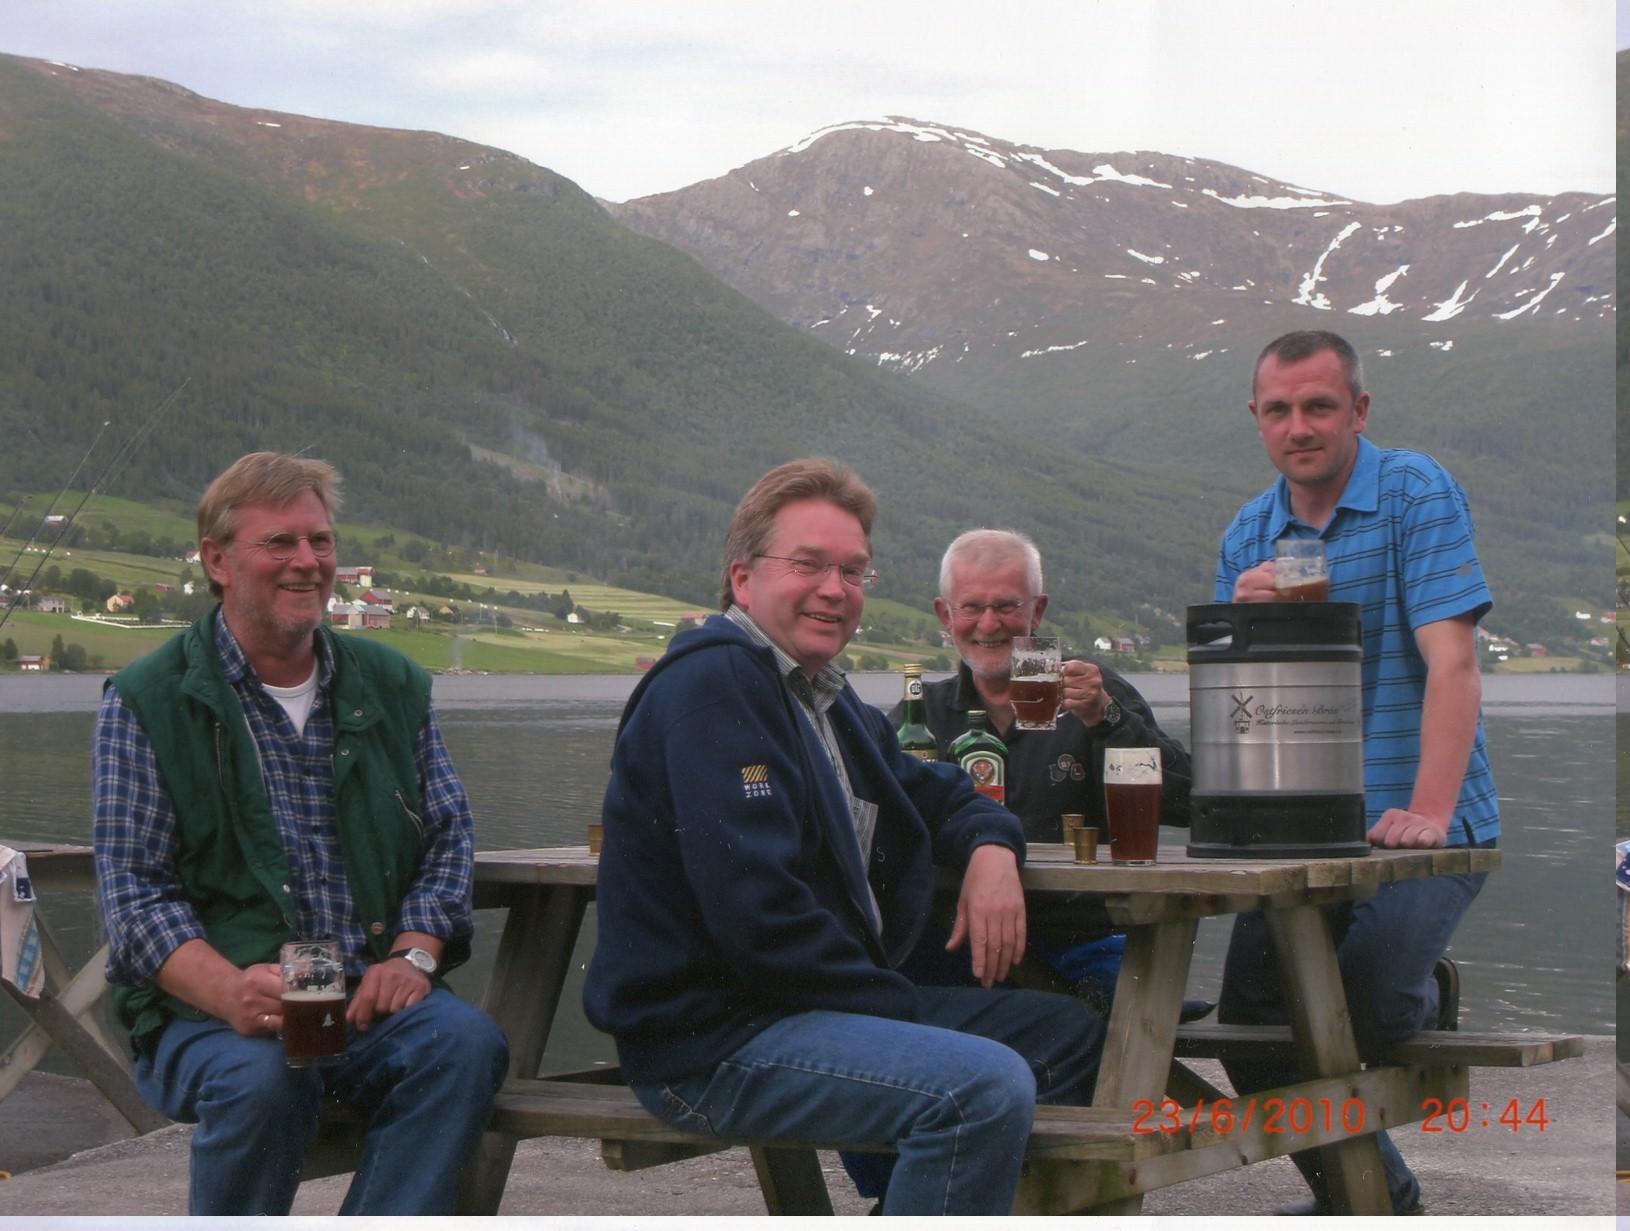 Angelurlaub in Norwegen, eingesendet von Herrn Weber